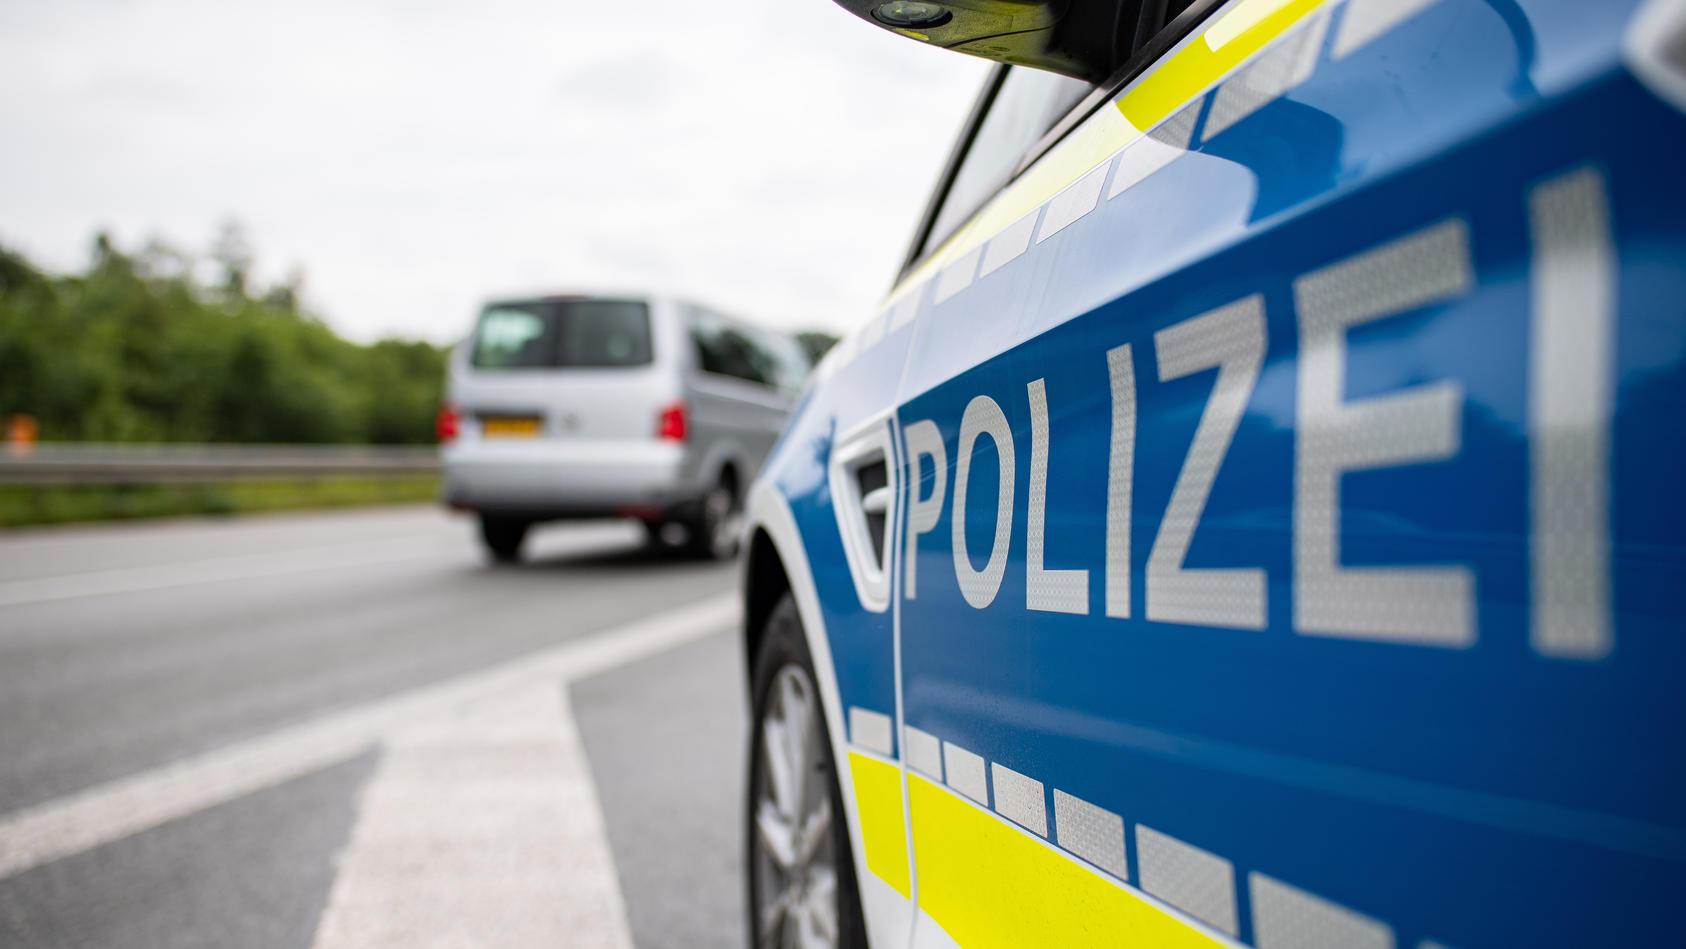 Ein mutmaßlicher Schleuser gab auf der A8 Vollgas, um der Polizei zu entkommen.